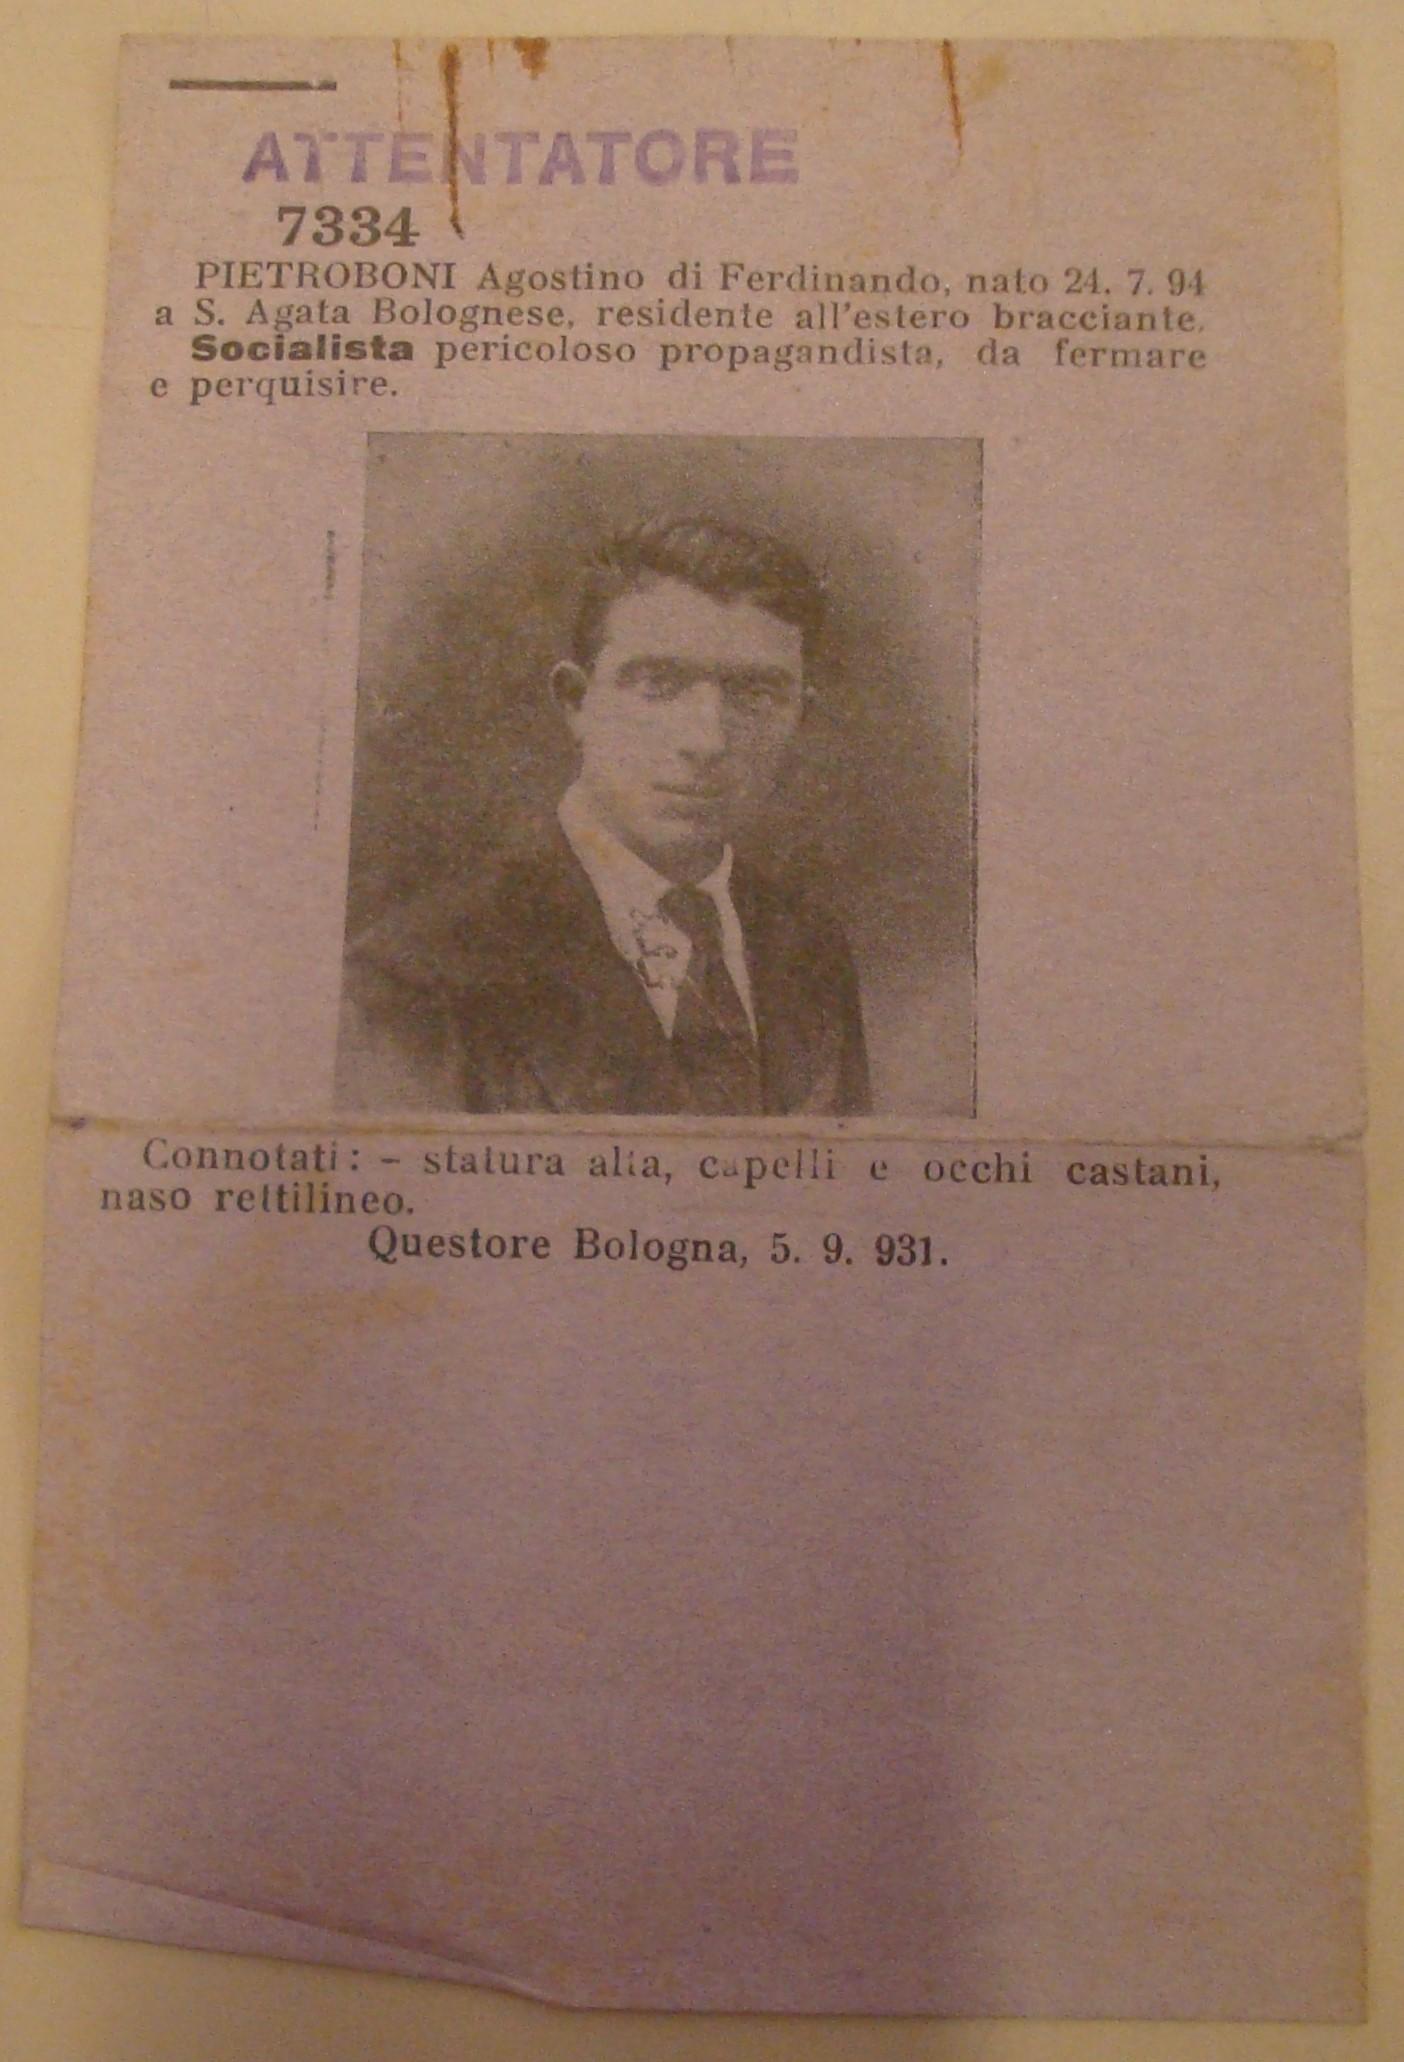 Foto segnaletica per il Registro alla Frontiera di Agostino Pietrobuoni, nel fascicolo a suo nome presso l'Archivio di Stato di Bologna.